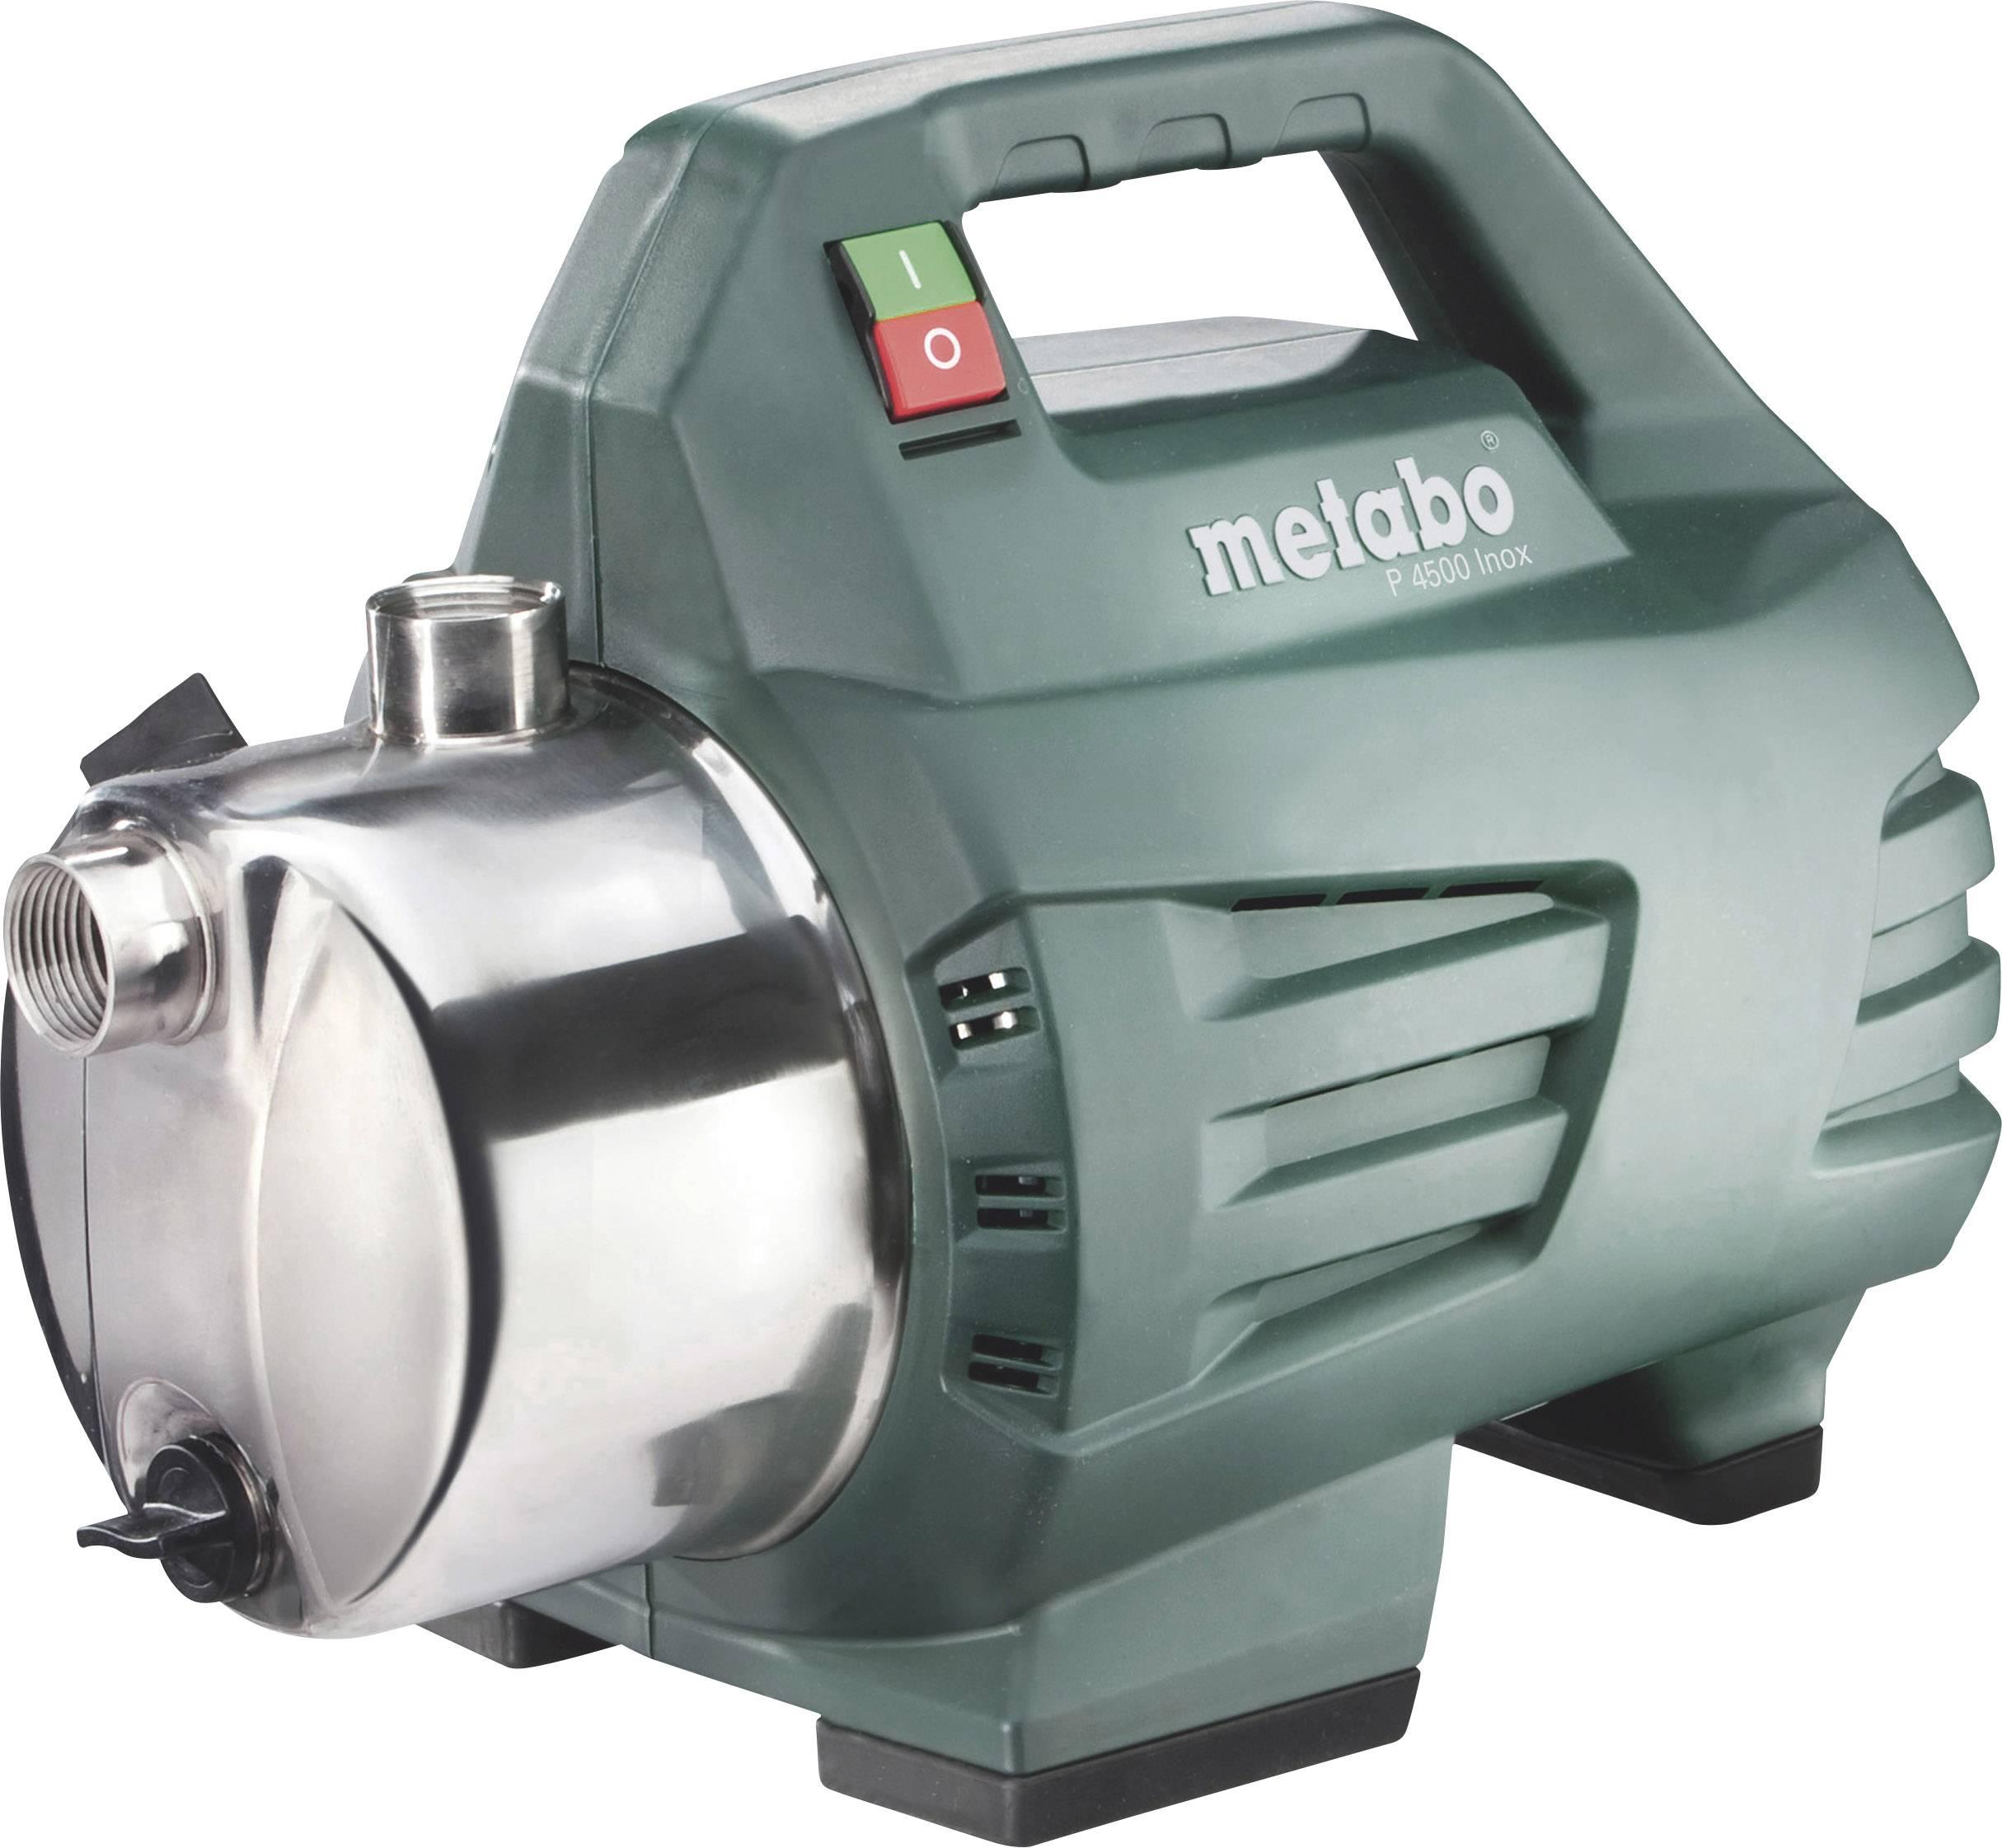 Zahradní čerpadlo Metabo P 4500 INOX 600965000, 4500 l/h, 48 m, 1300 W